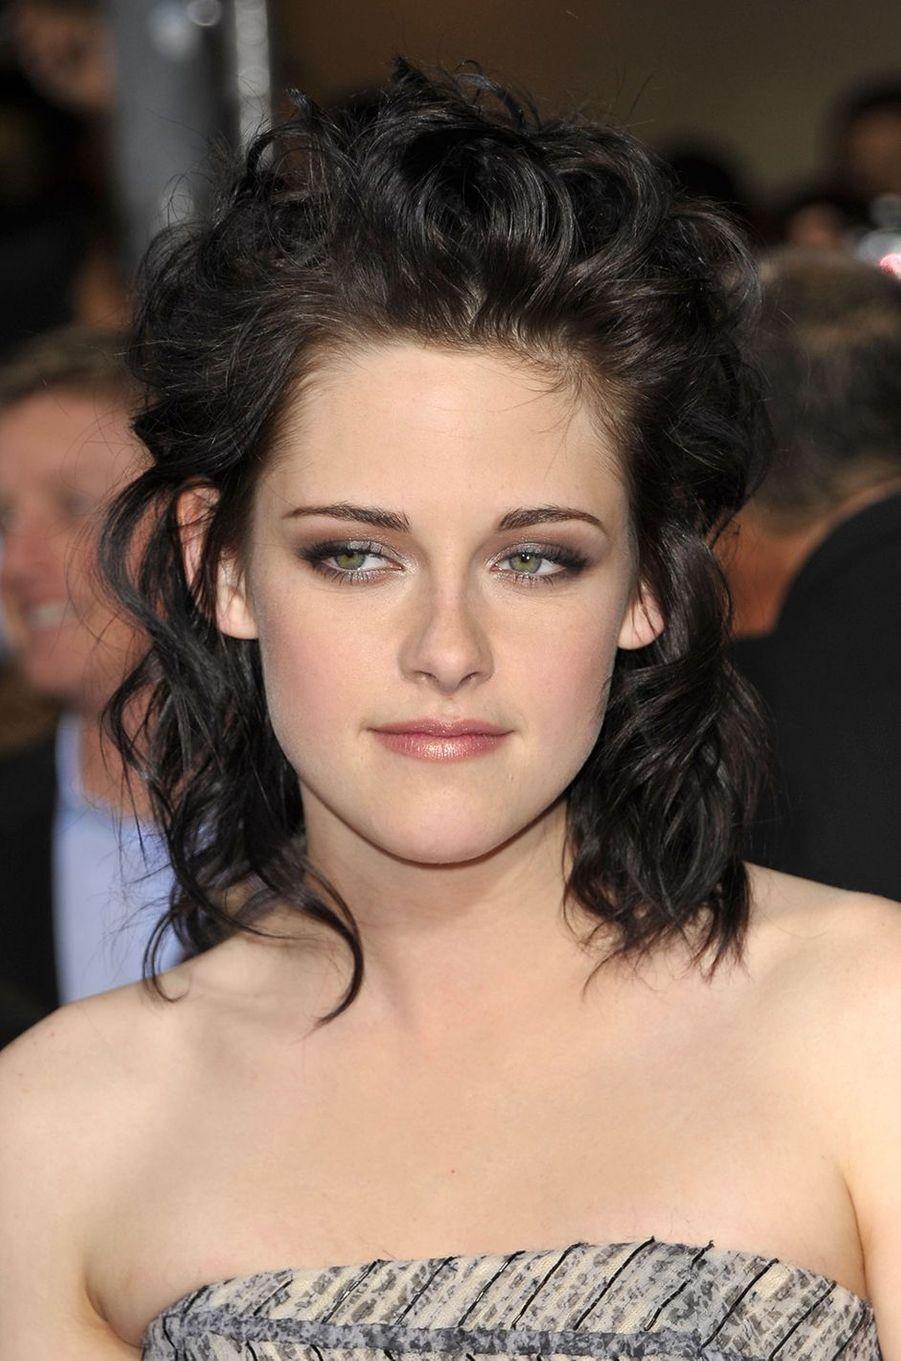 Kristen Stewart à la première de «Twilight : New Moon» à Los Angeles en novembre 2009